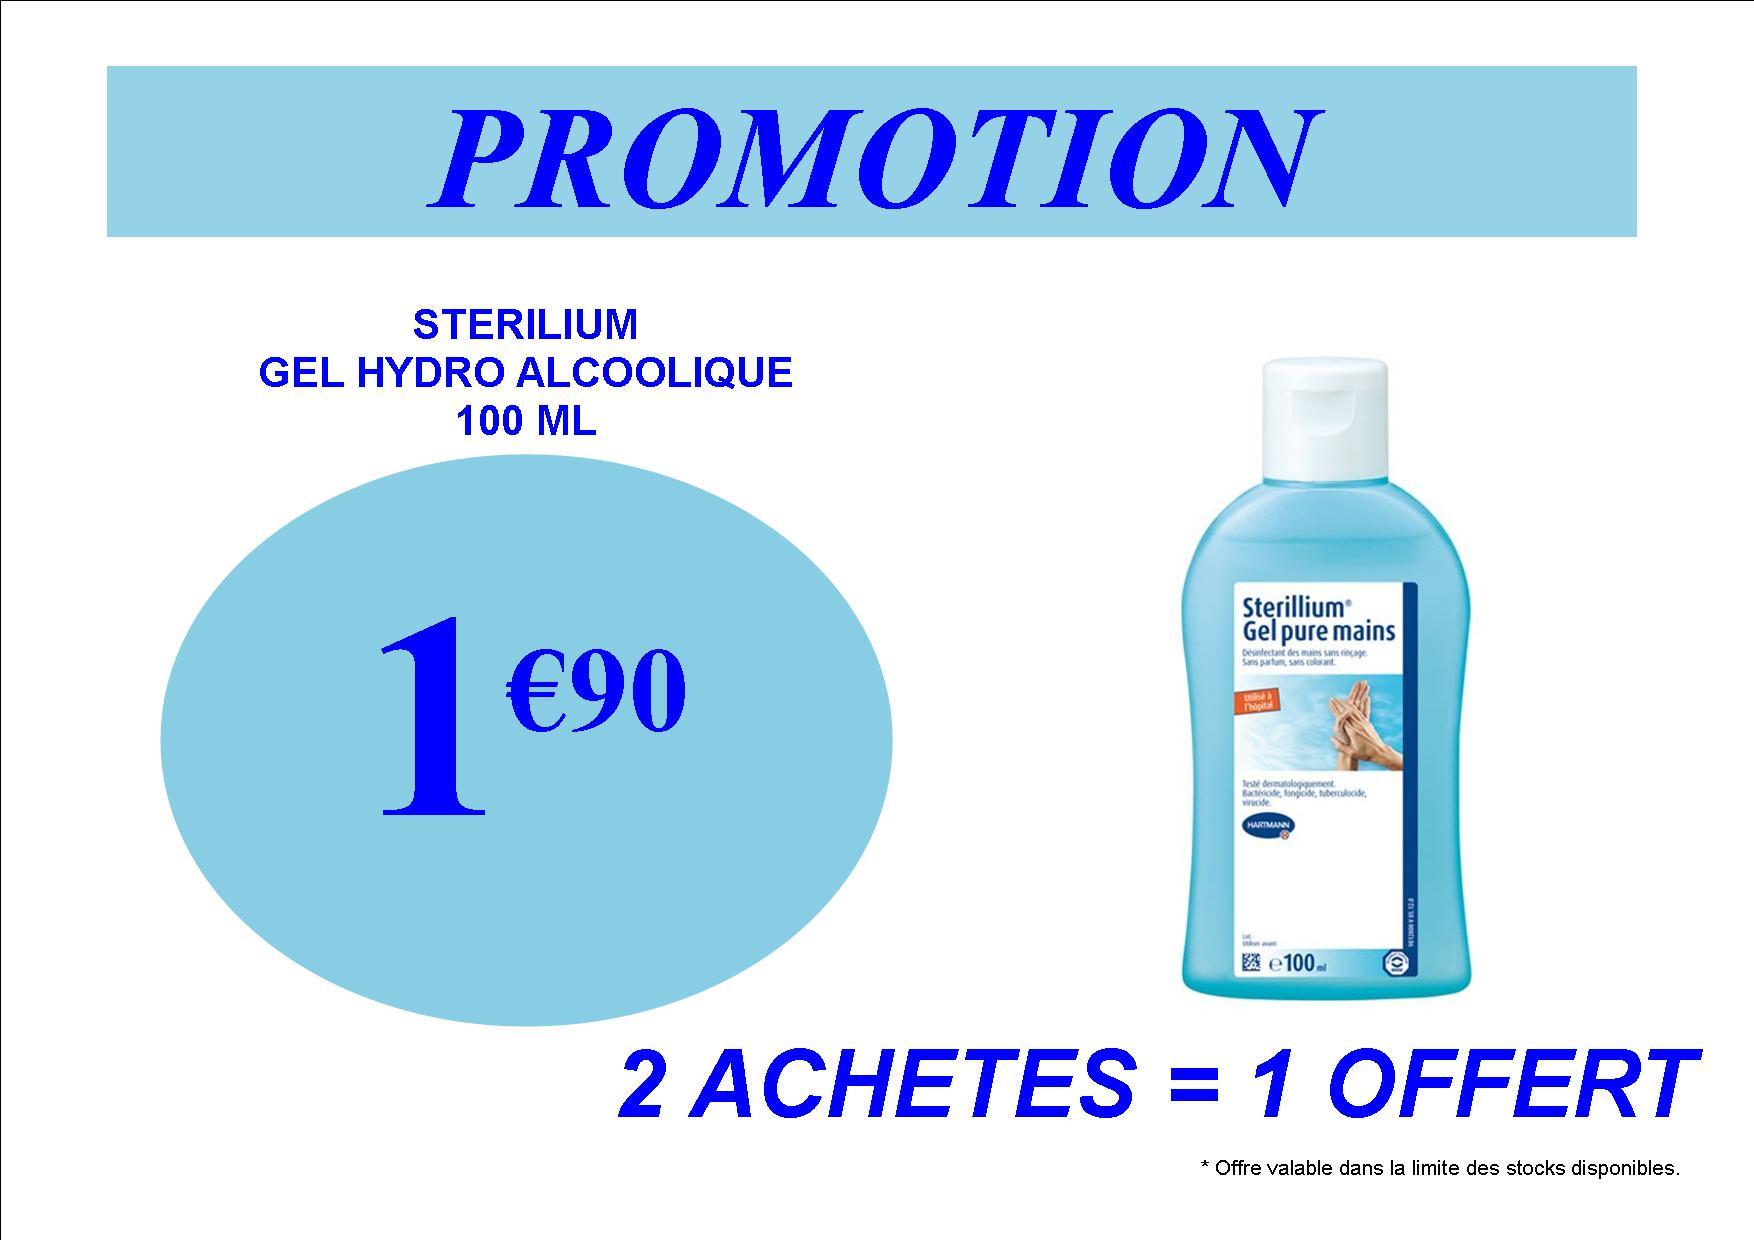 promotion gel hydro alcoolique sterilium 1.90